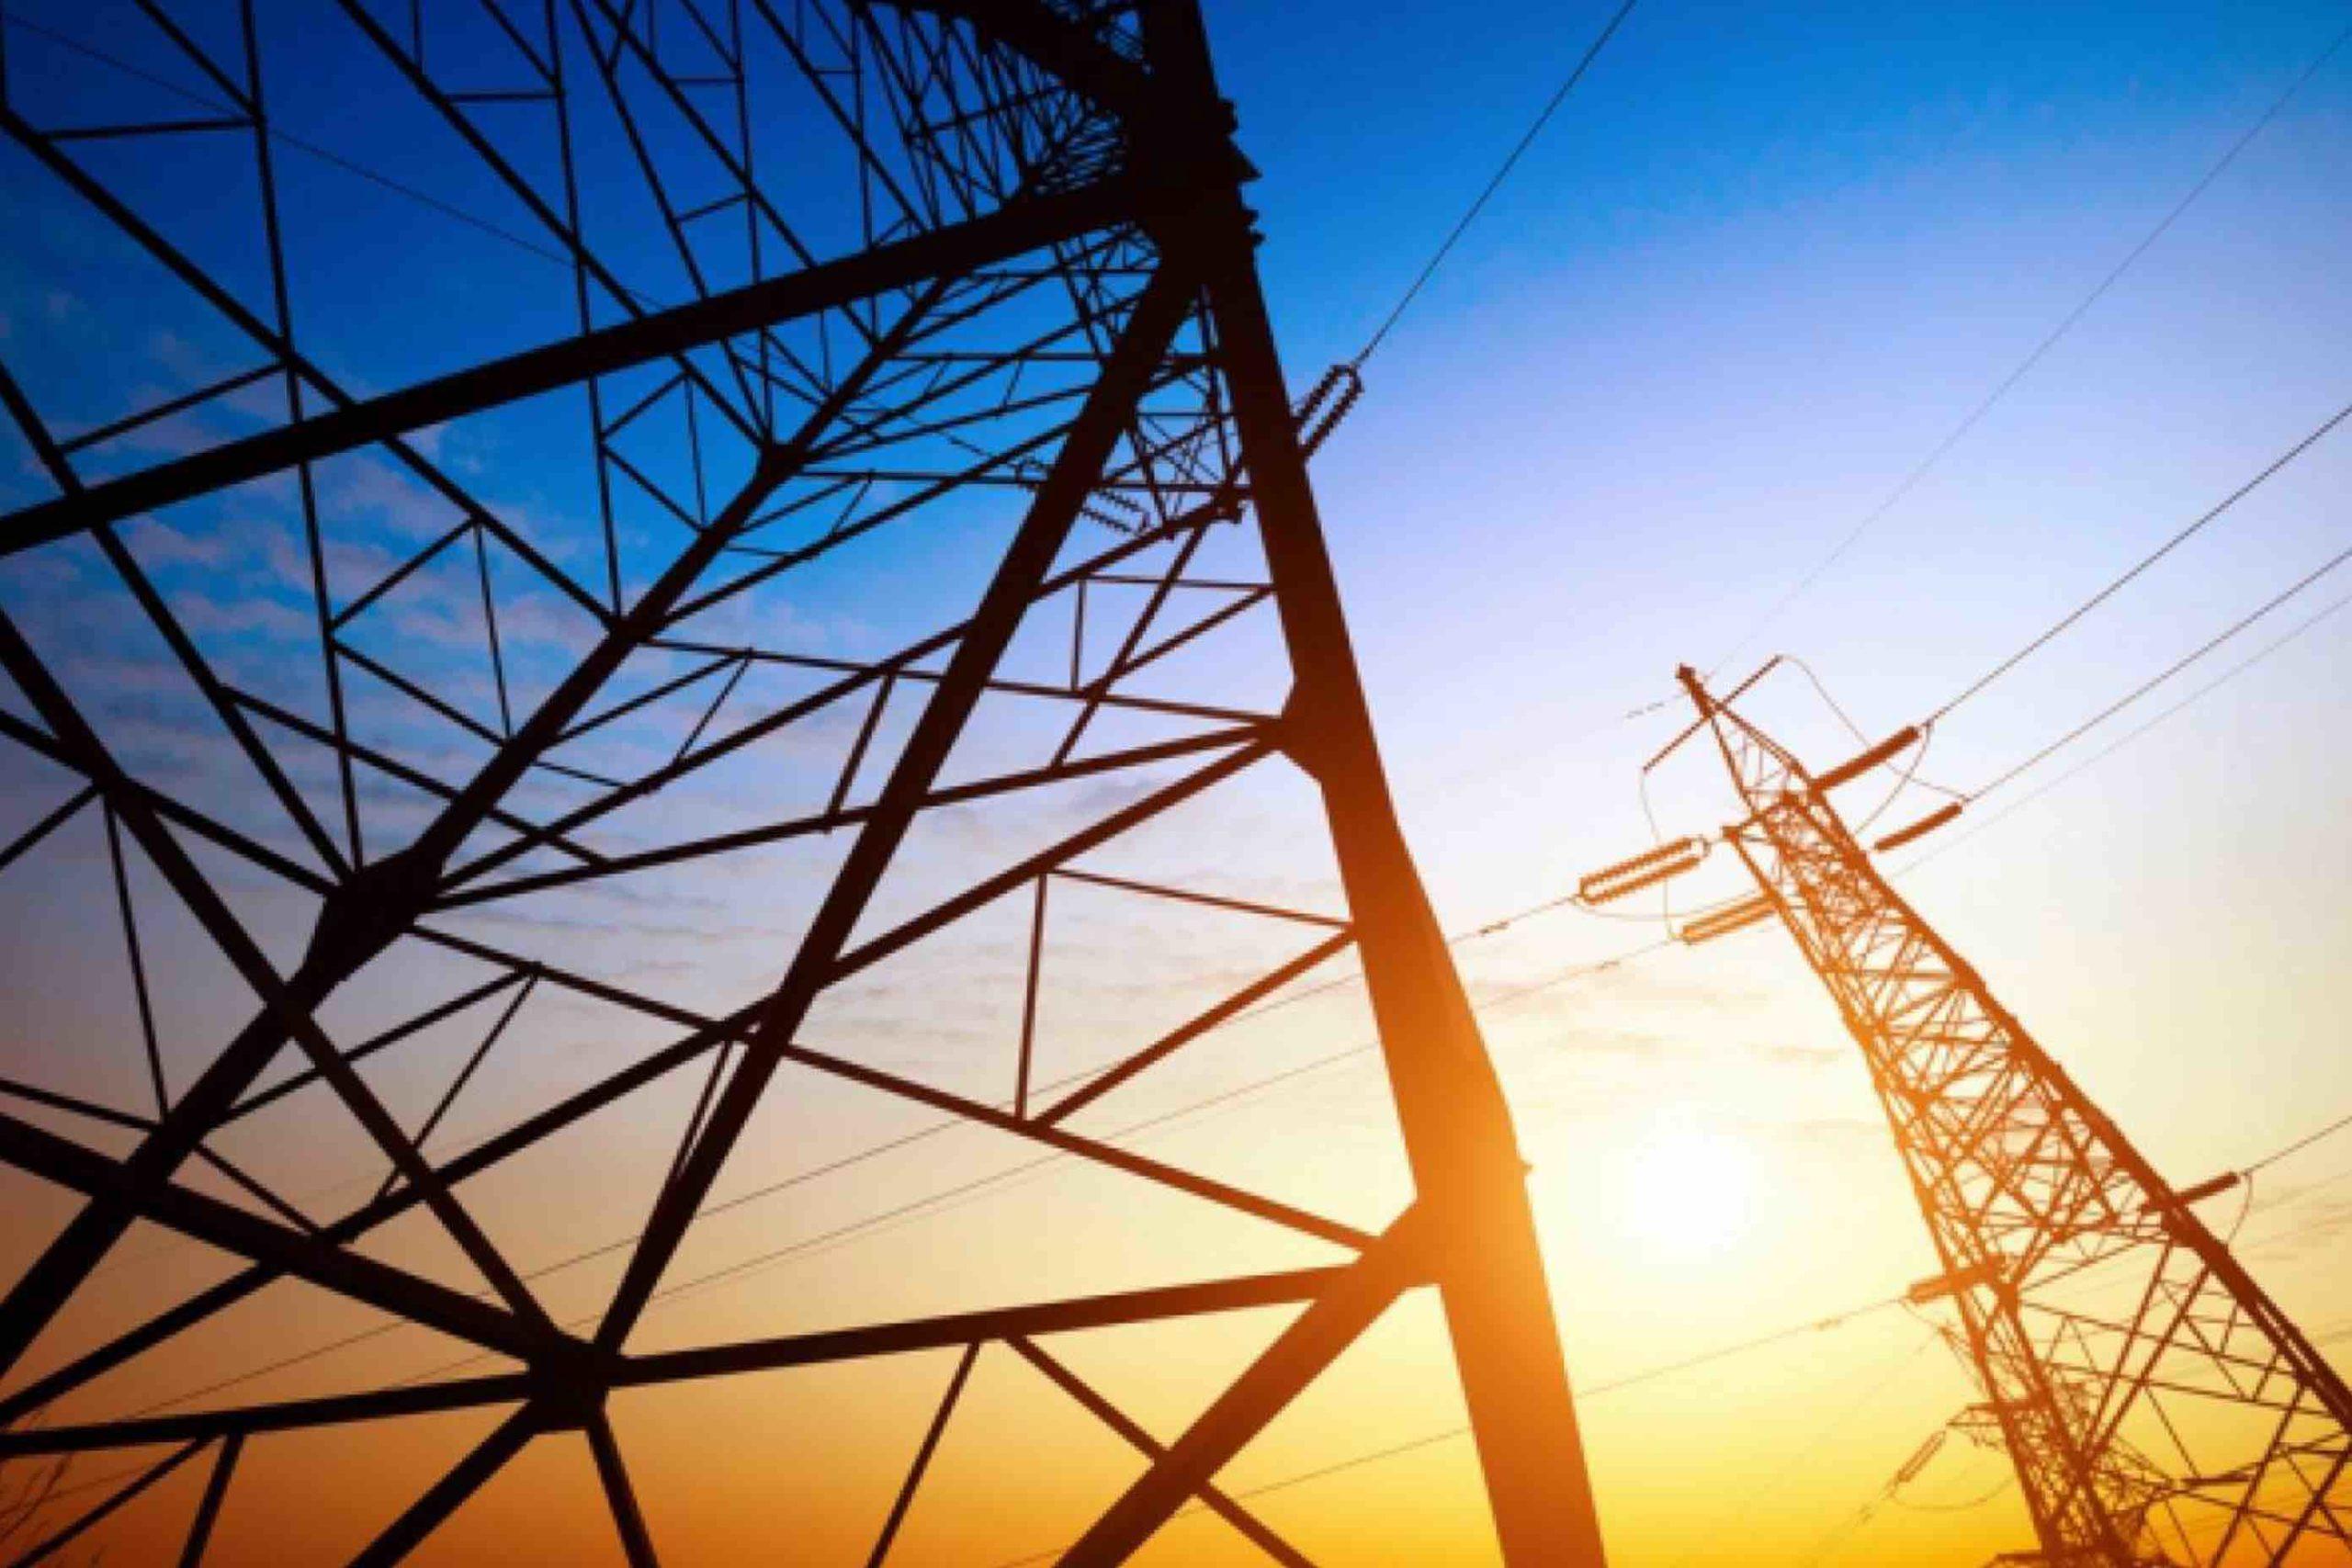 Электросетевое строительство. Организация и осуществление строительного контроля и внутреннего технического надзоров на объектах энергетики ( 26.05-01.06 МЭС Востока)